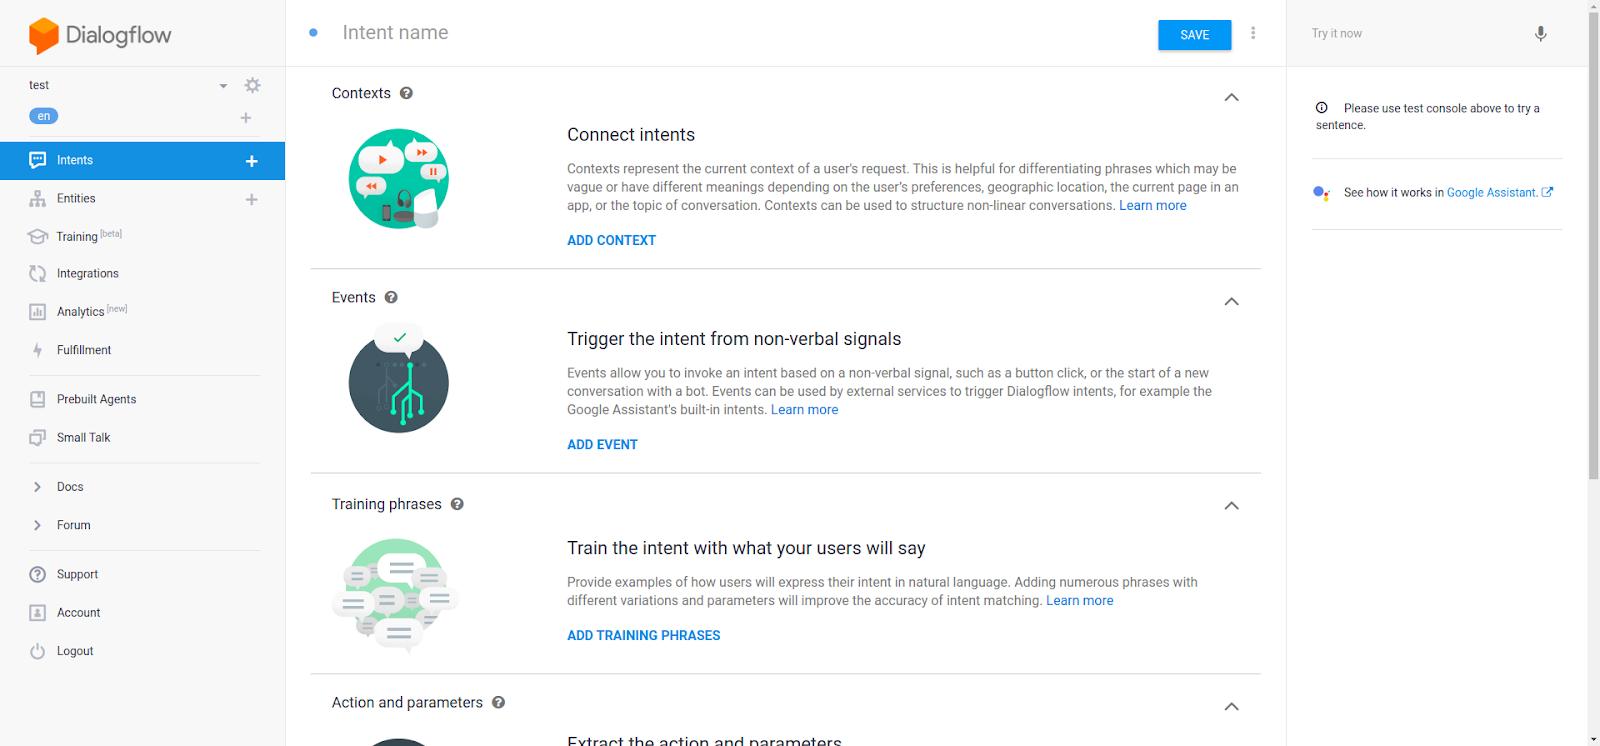 Google Assistant - Dialogflow2